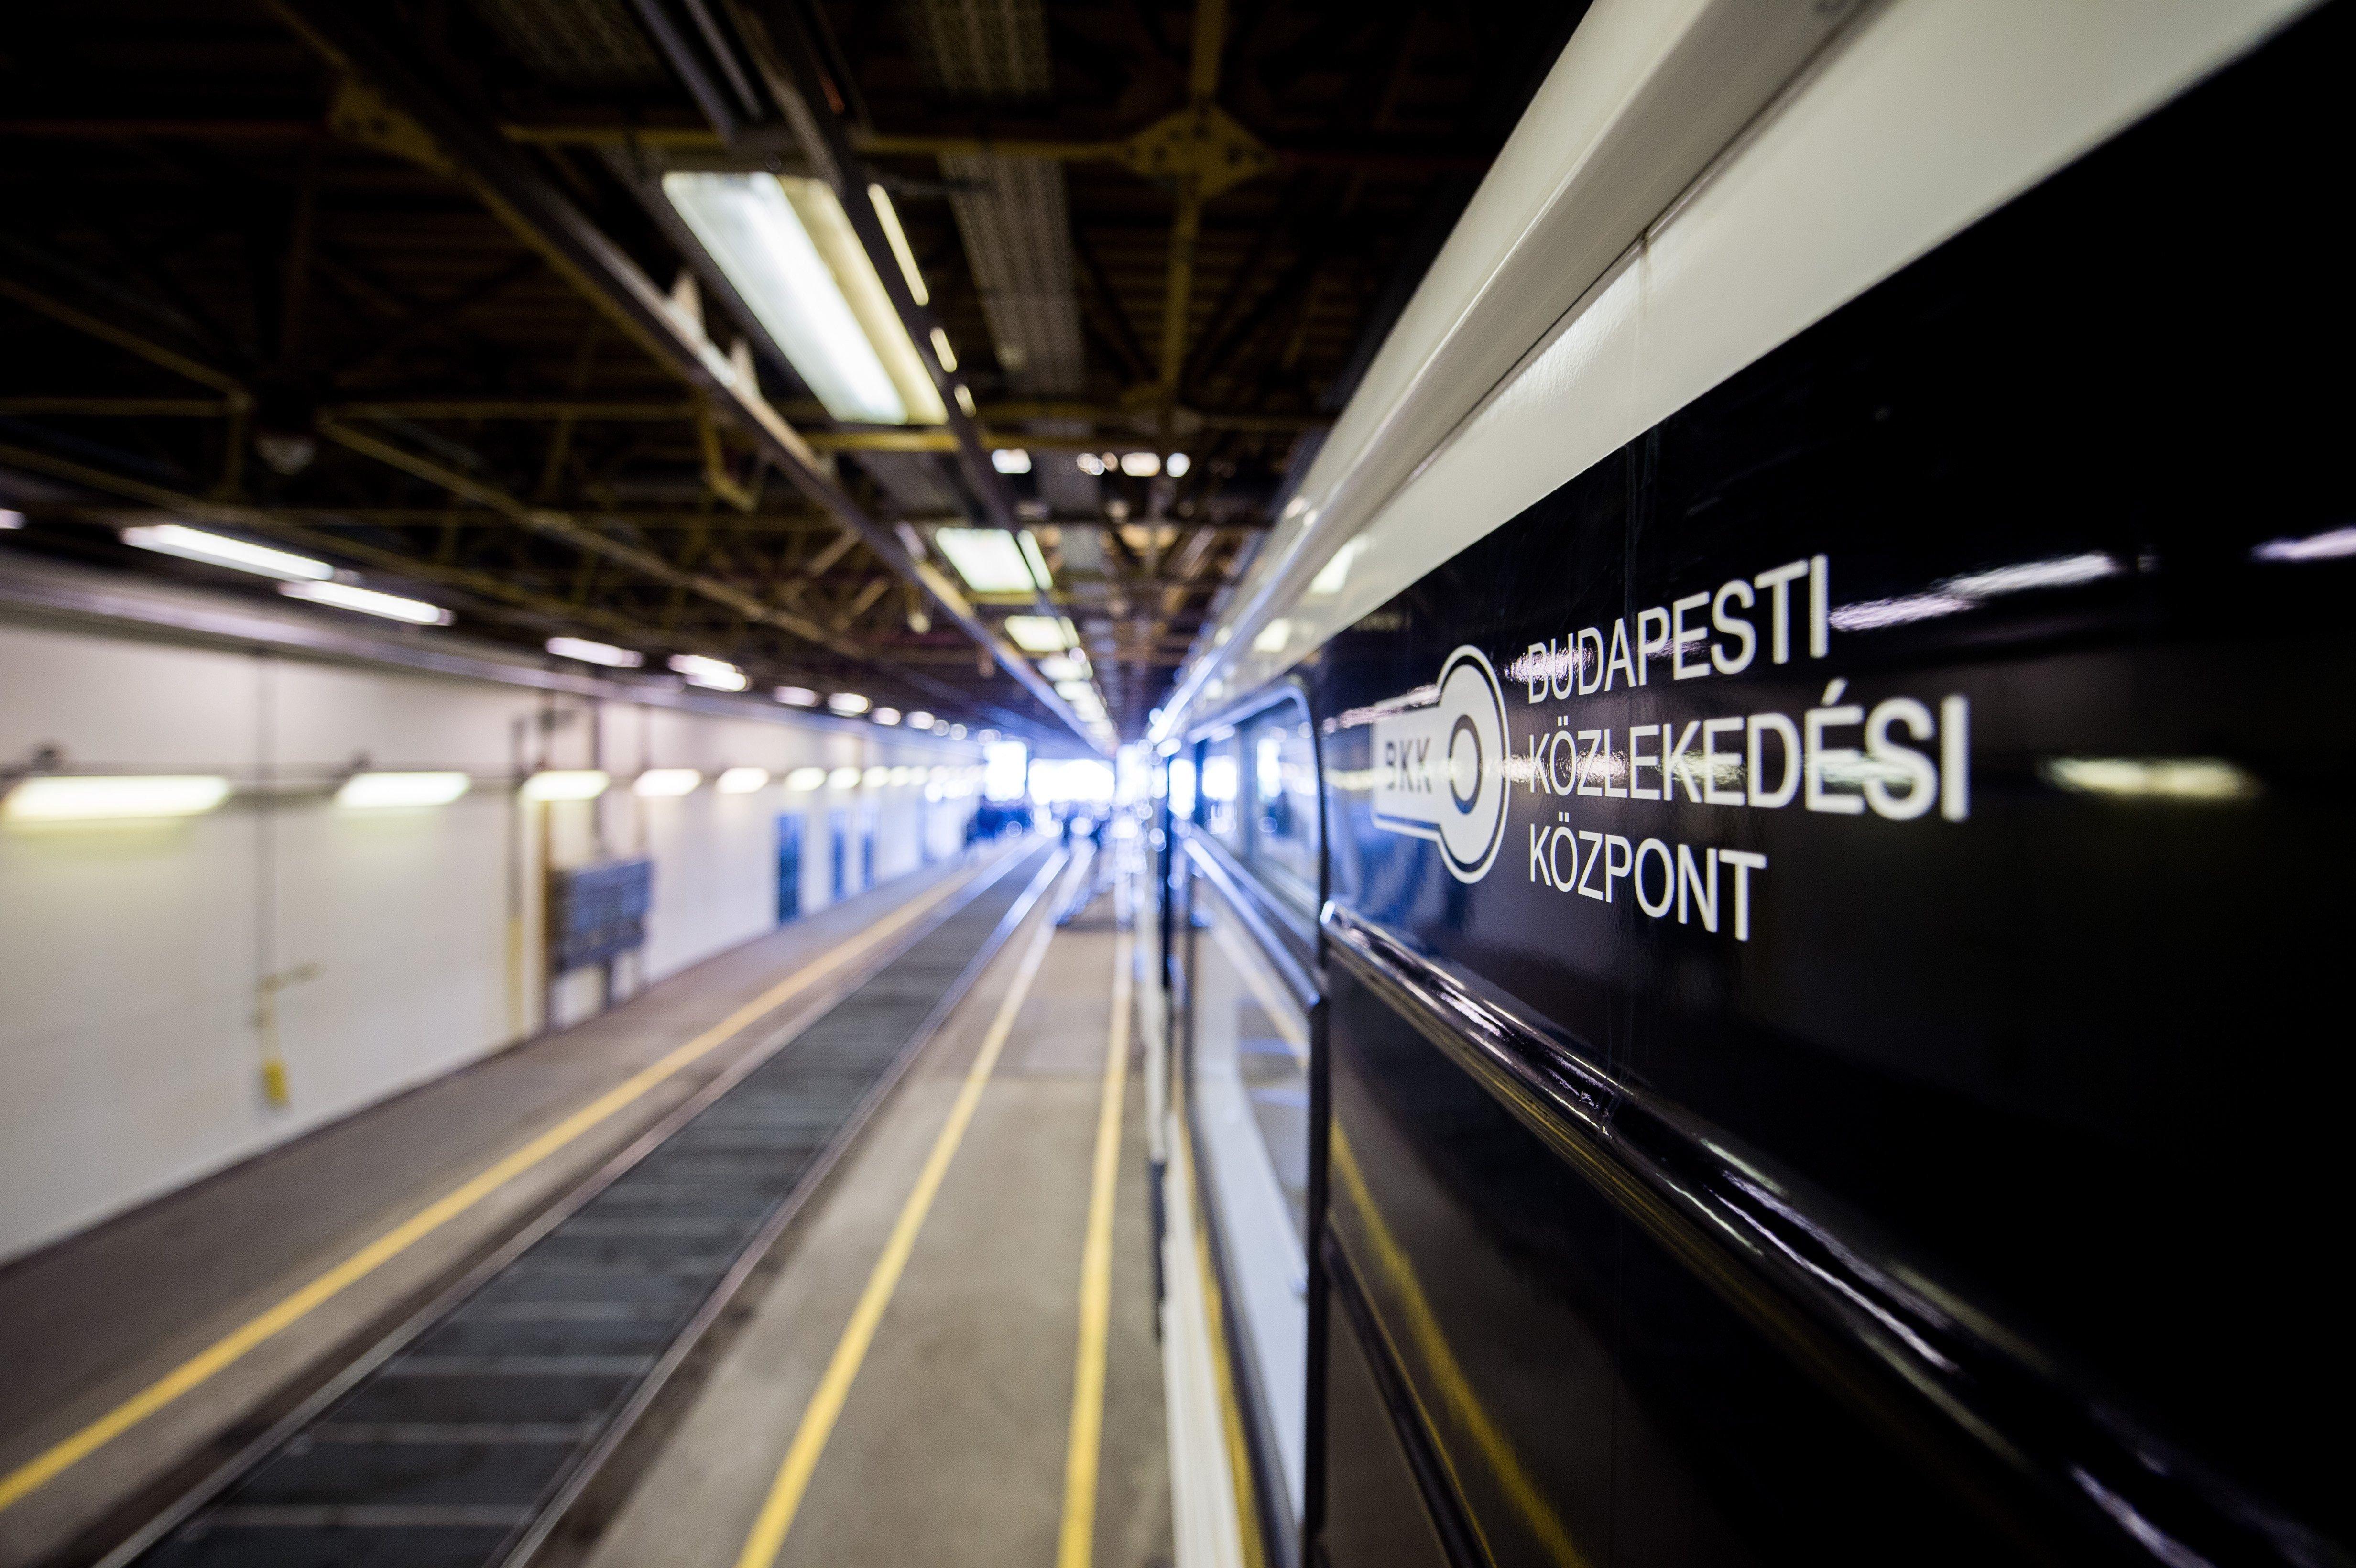 Nem járt egy szakaszon a M3-as metró, mert EGY KUTYA BESZALADT AZ ALAGÚTBA